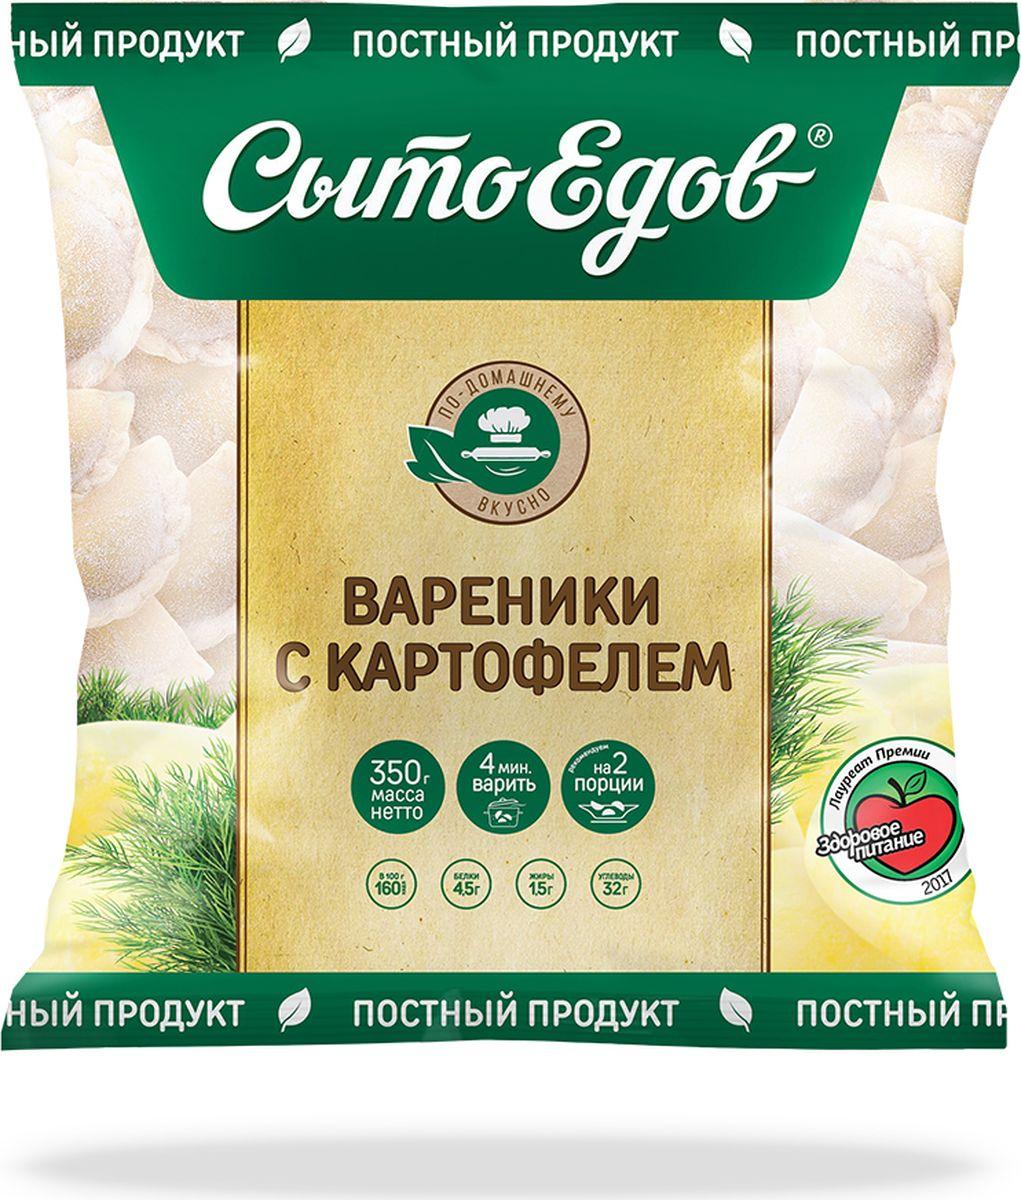 Сытоедов Вареники с картофелем, 350 г